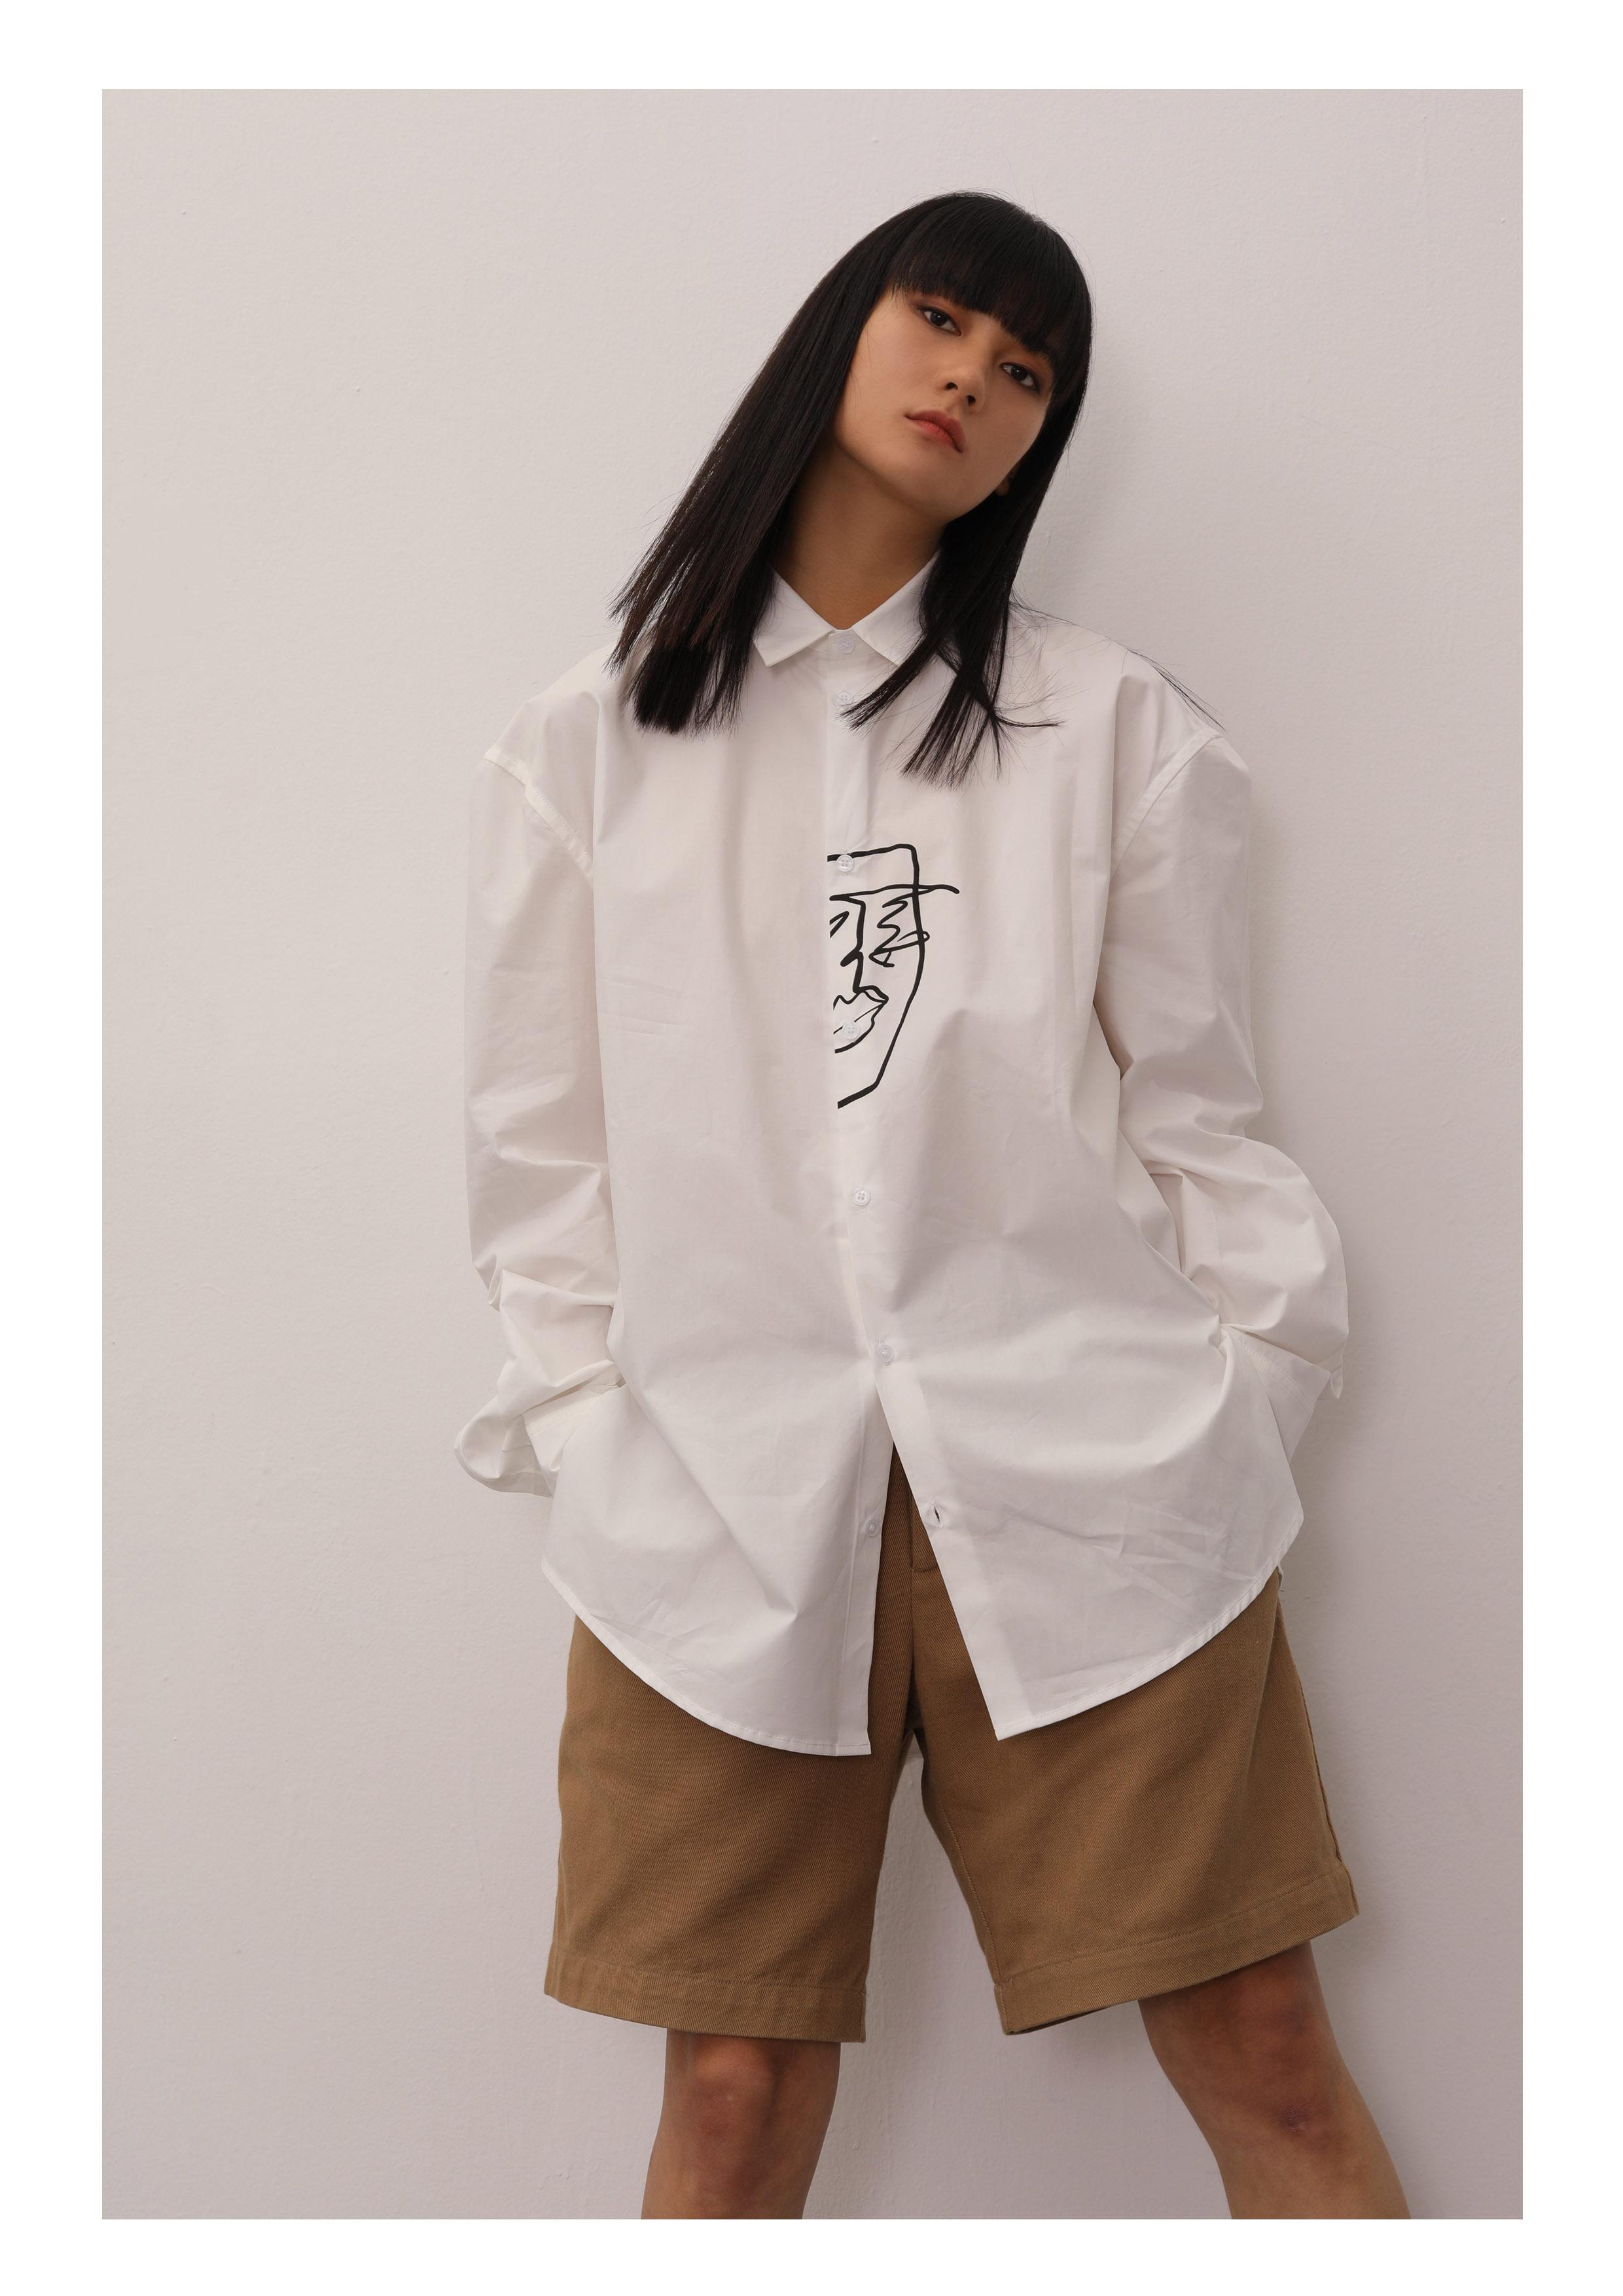 男装衬衫 whiteplanwhite  白色印花宽松休闲百搭长袖衬衫秋季男女同款_推荐淘宝好看的男衬衫